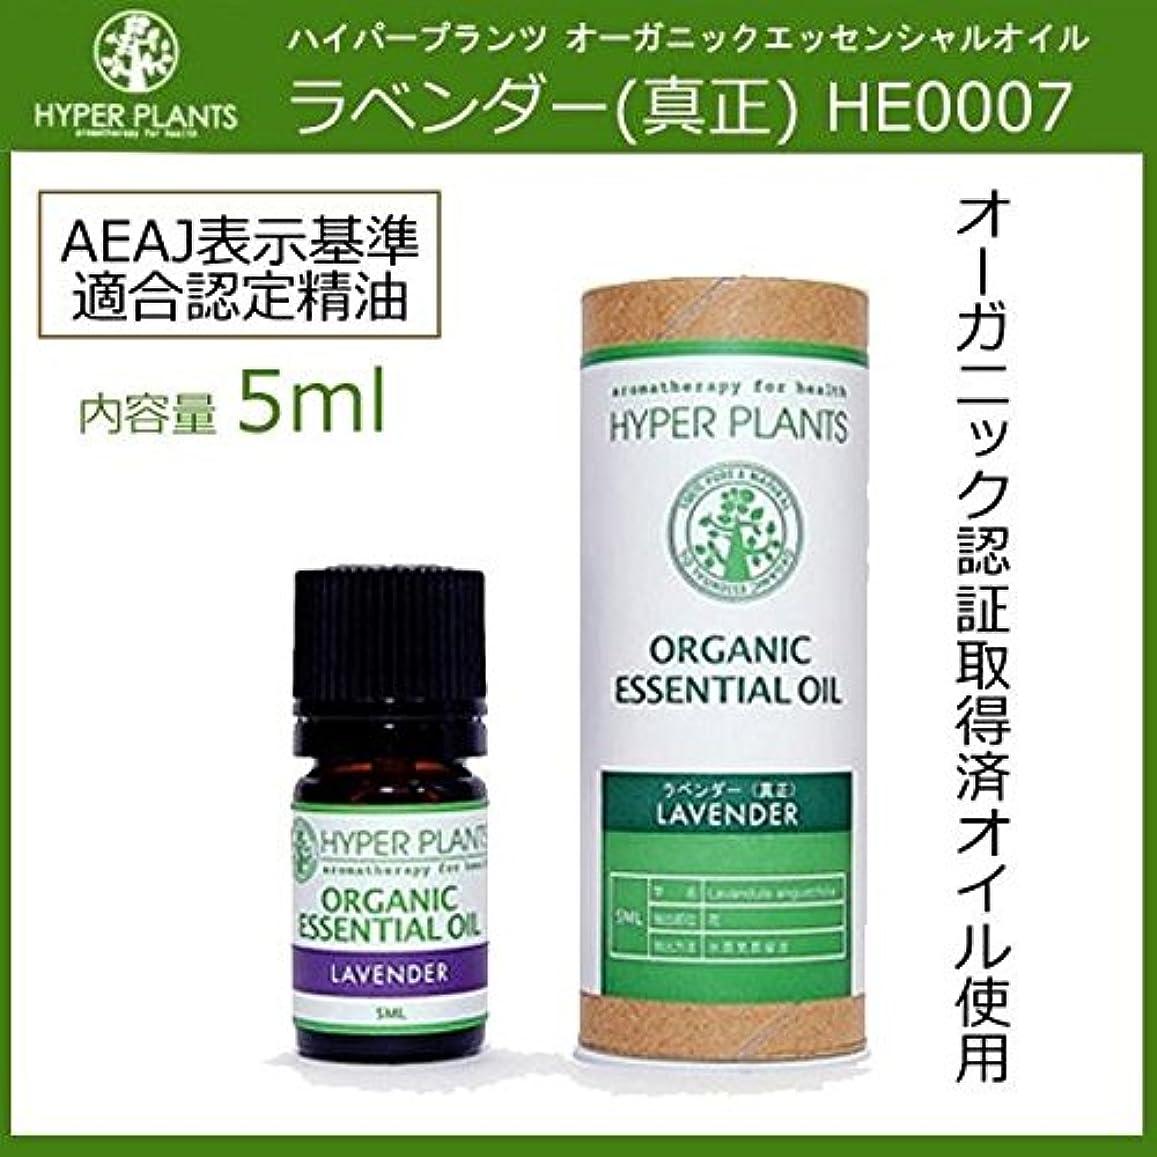 作動する流す感覚HYPER PLANTS ハイパープランツ オーガニックエッセンシャルオイル ラベンダー(真正) 5ml HE0007